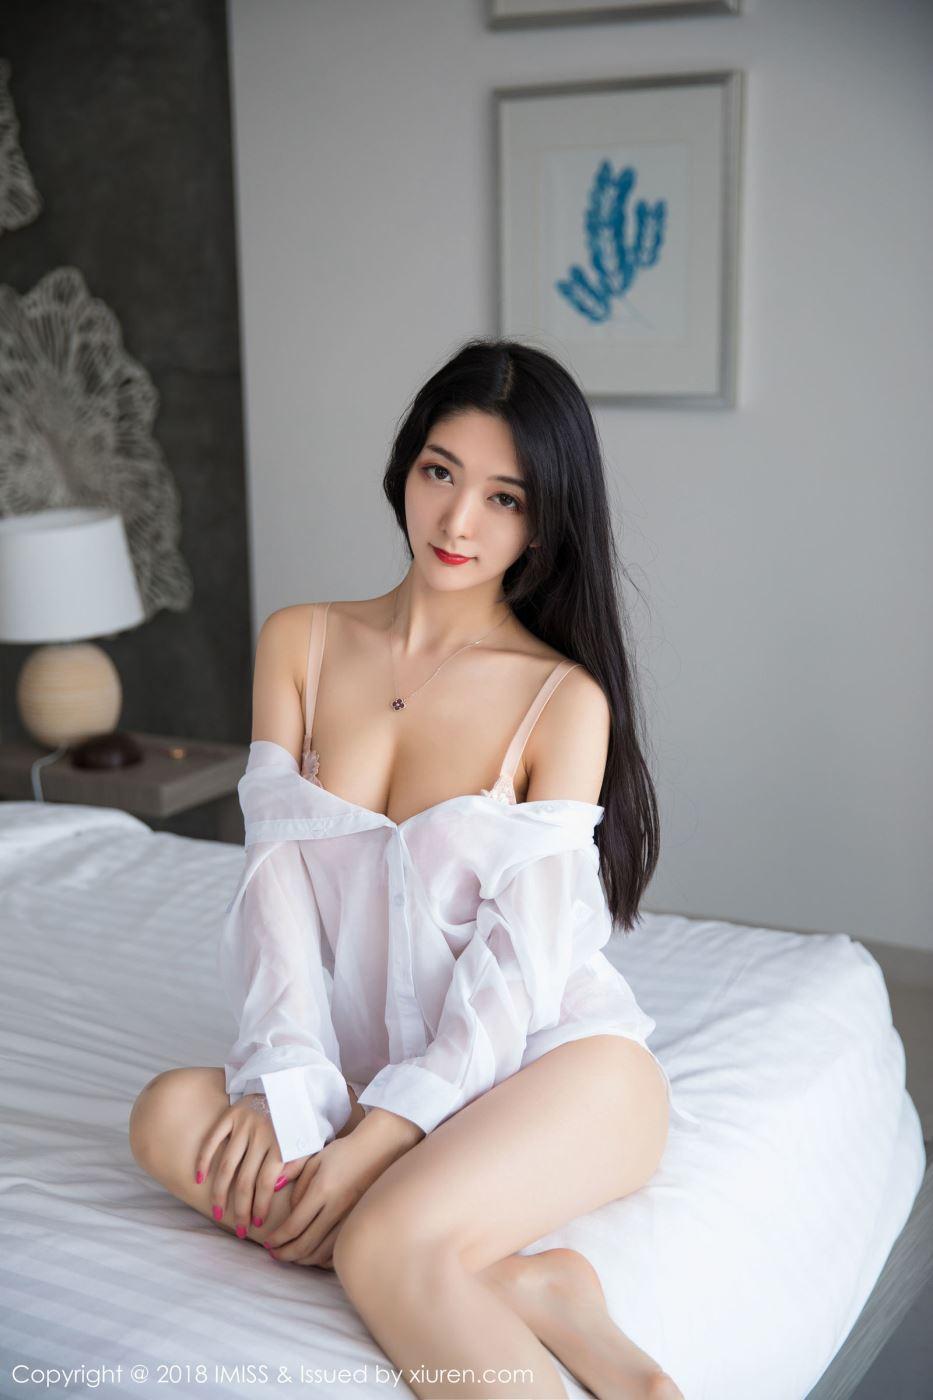 爱蜜社极品美女小热巴透明白衬衫内衣诱惑私房写真图片